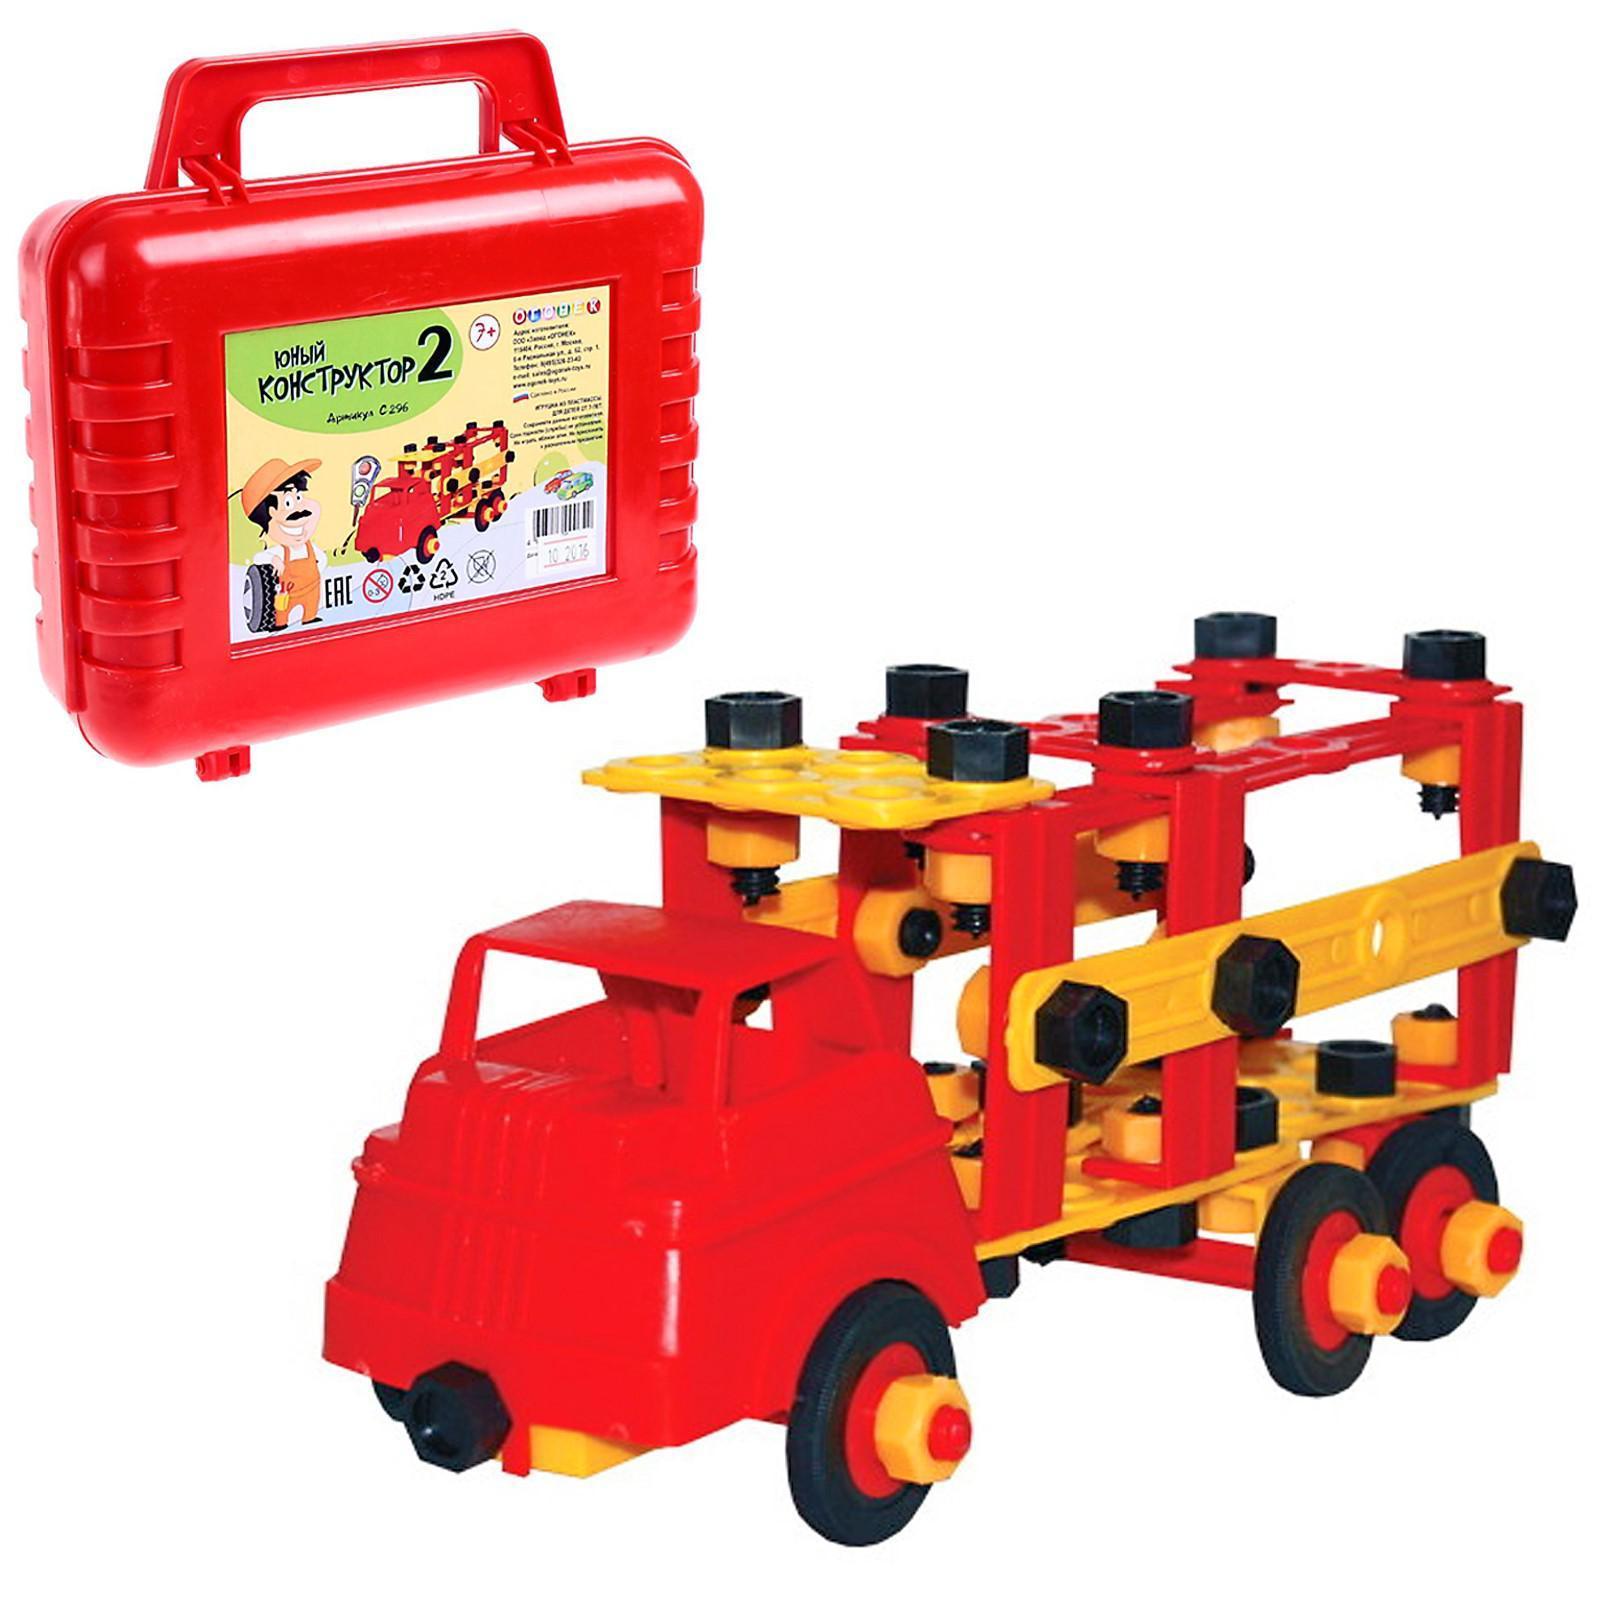 Огонек. Юный конструктор №2 - Модели для сборки: тачка, тележка, самокат, самосвал, грузовик с прицепом, панелевоз, пожарный автомобиль, автокран, строительный кран, качели, лесовоз, автофургон.